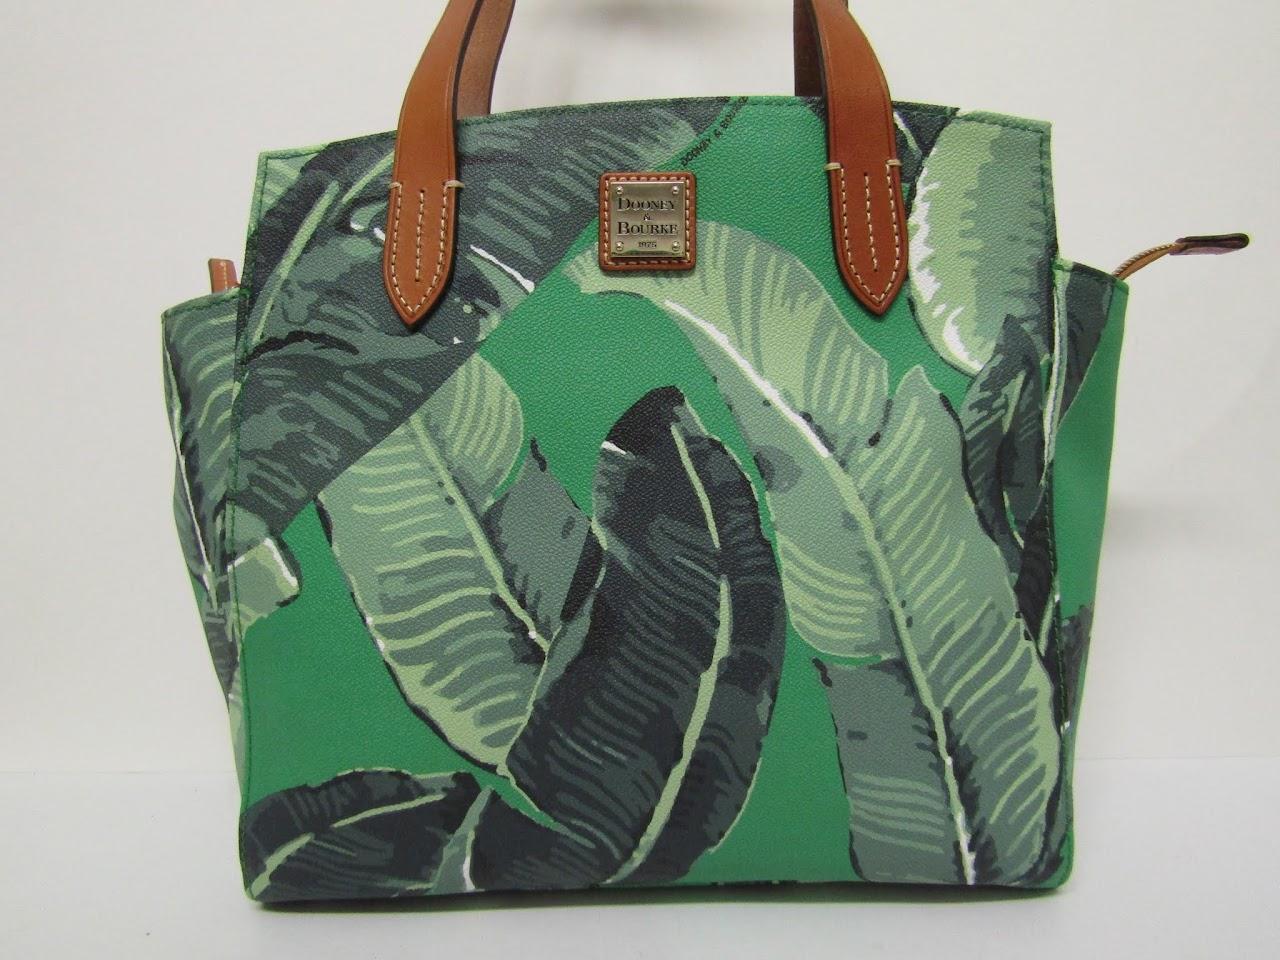 Dooney & Bourke Banna Leaf Tote